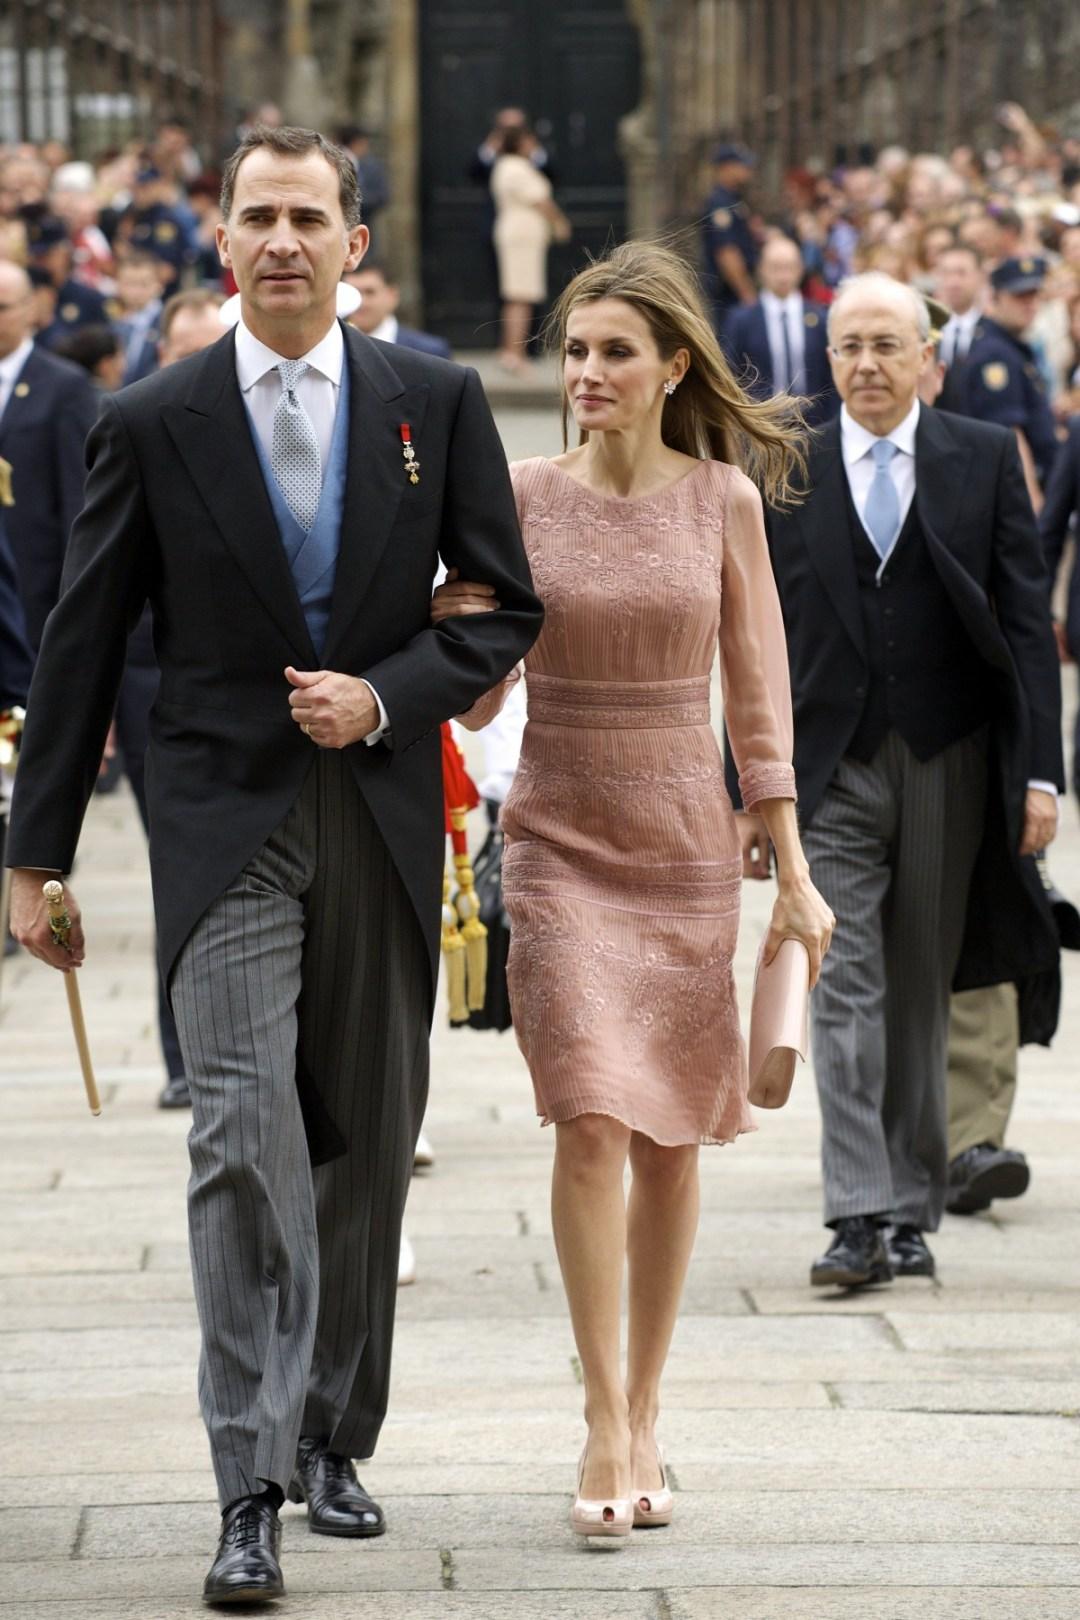 """O casal Real da Espanha, Rei Felipe VI e Rainha Letícia, participam de uma grande comemoração do Governo Espanhol, eles caminham juntos num corredor formado de milhares de pessoas. Ele veste uma casaca preta, com colete azul claro, gravata cinza e segura um bastão real , ela usa um vestido de organza, rosa claro e tom nude , nos pés sapatos de saltos altos plataforma de dois centímetros e abertos na ponta em estilo """"peep toe""""e segura uma bolsa no mesmo tom."""